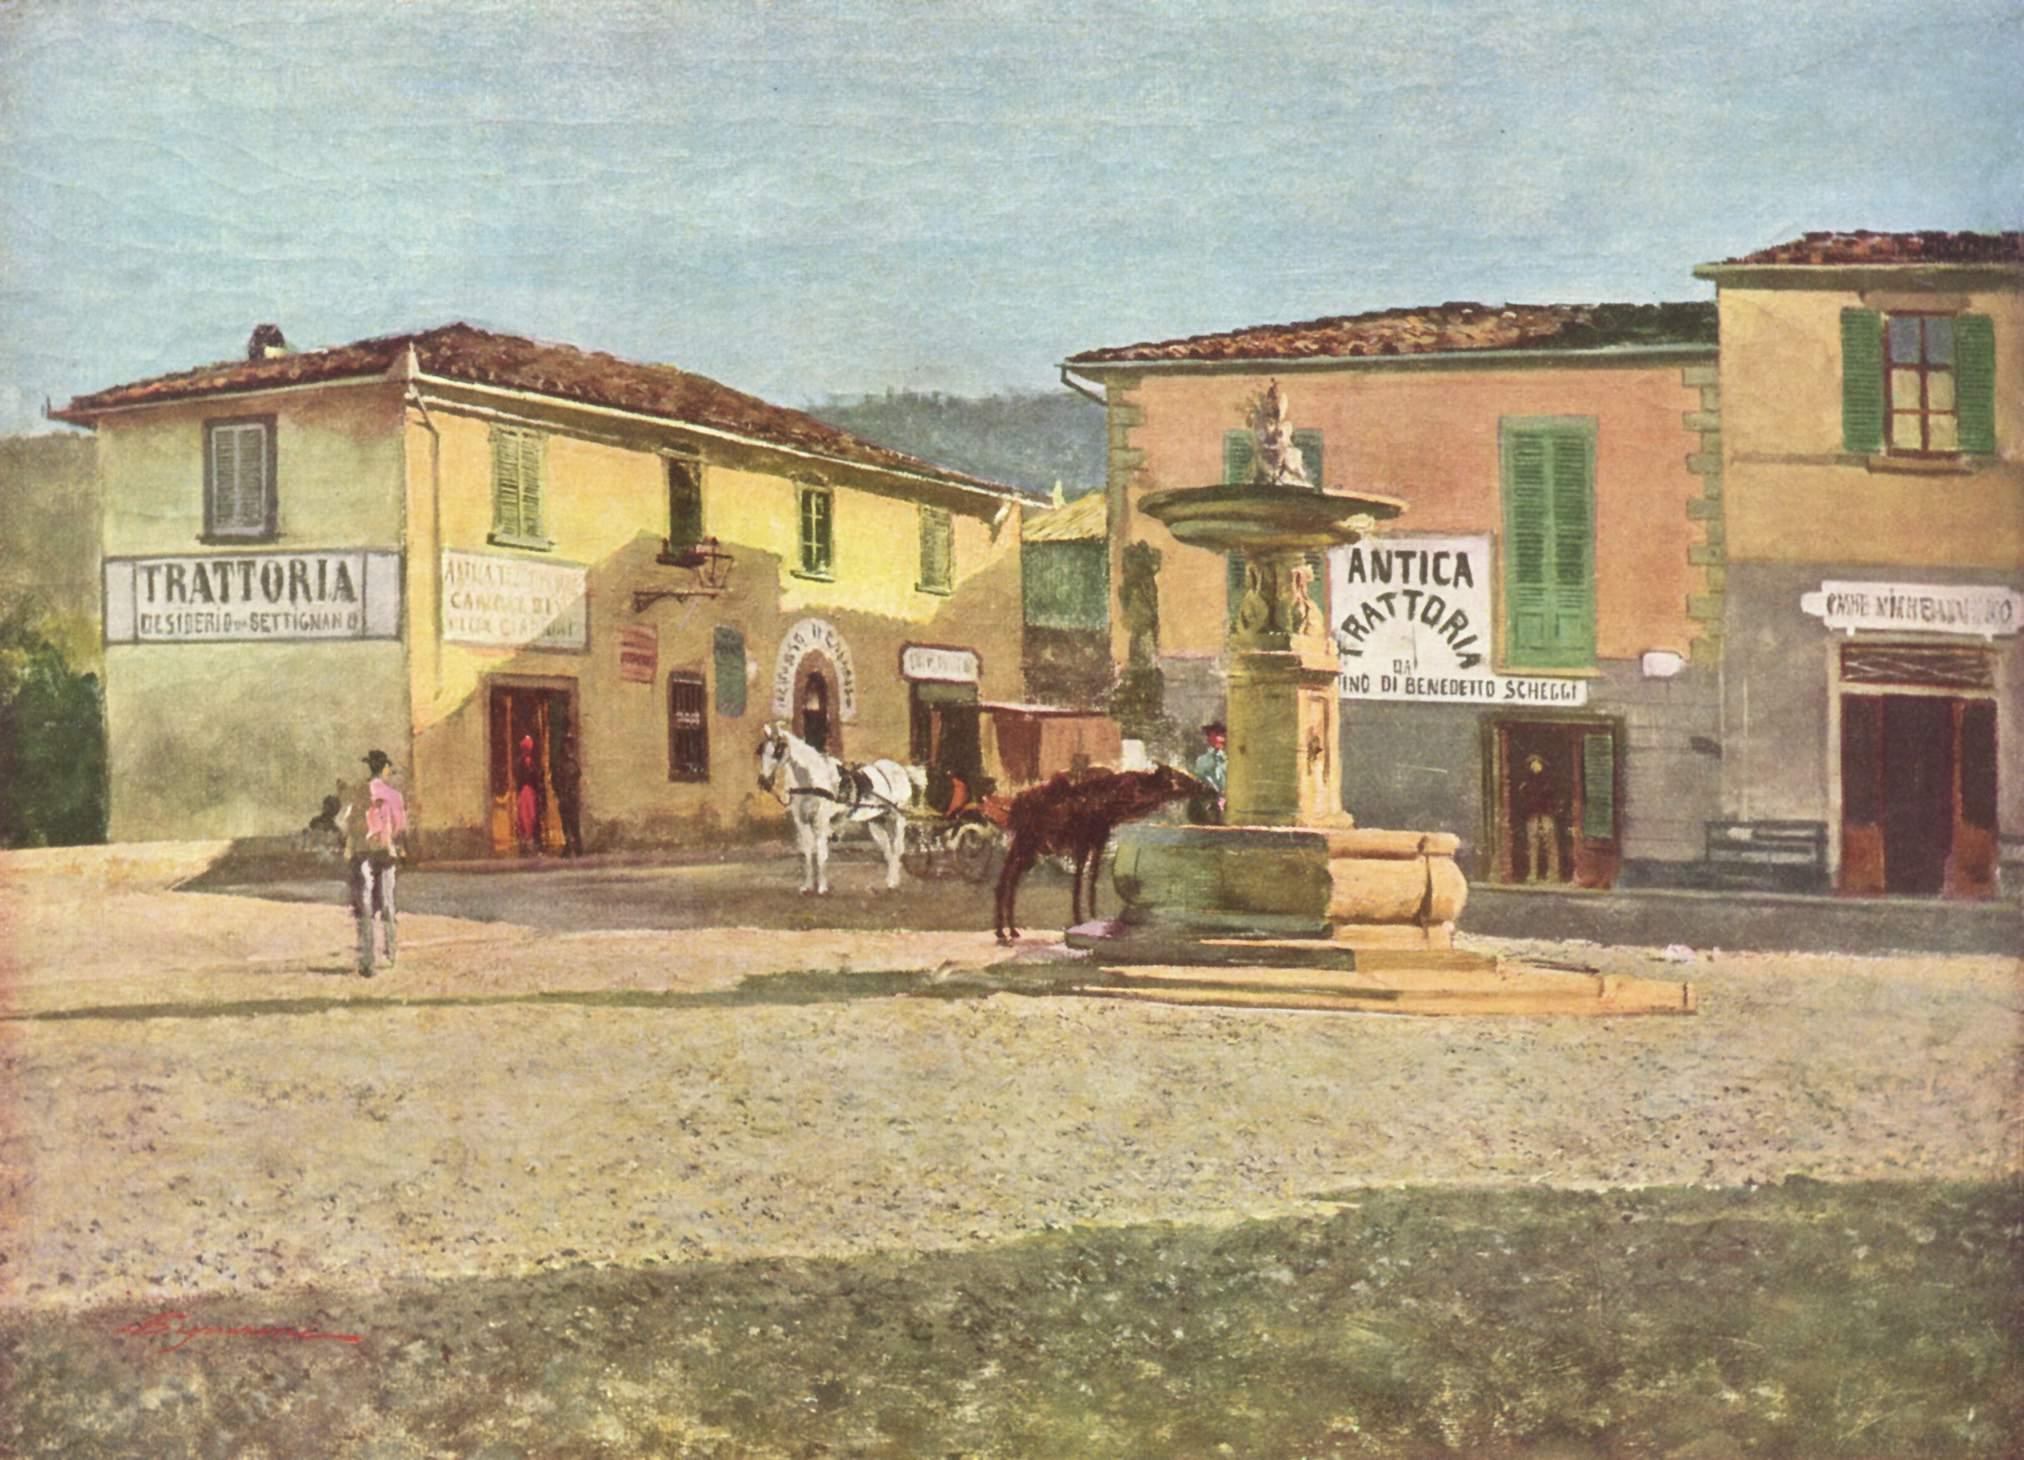 Dipinto di Telemaco Signorini